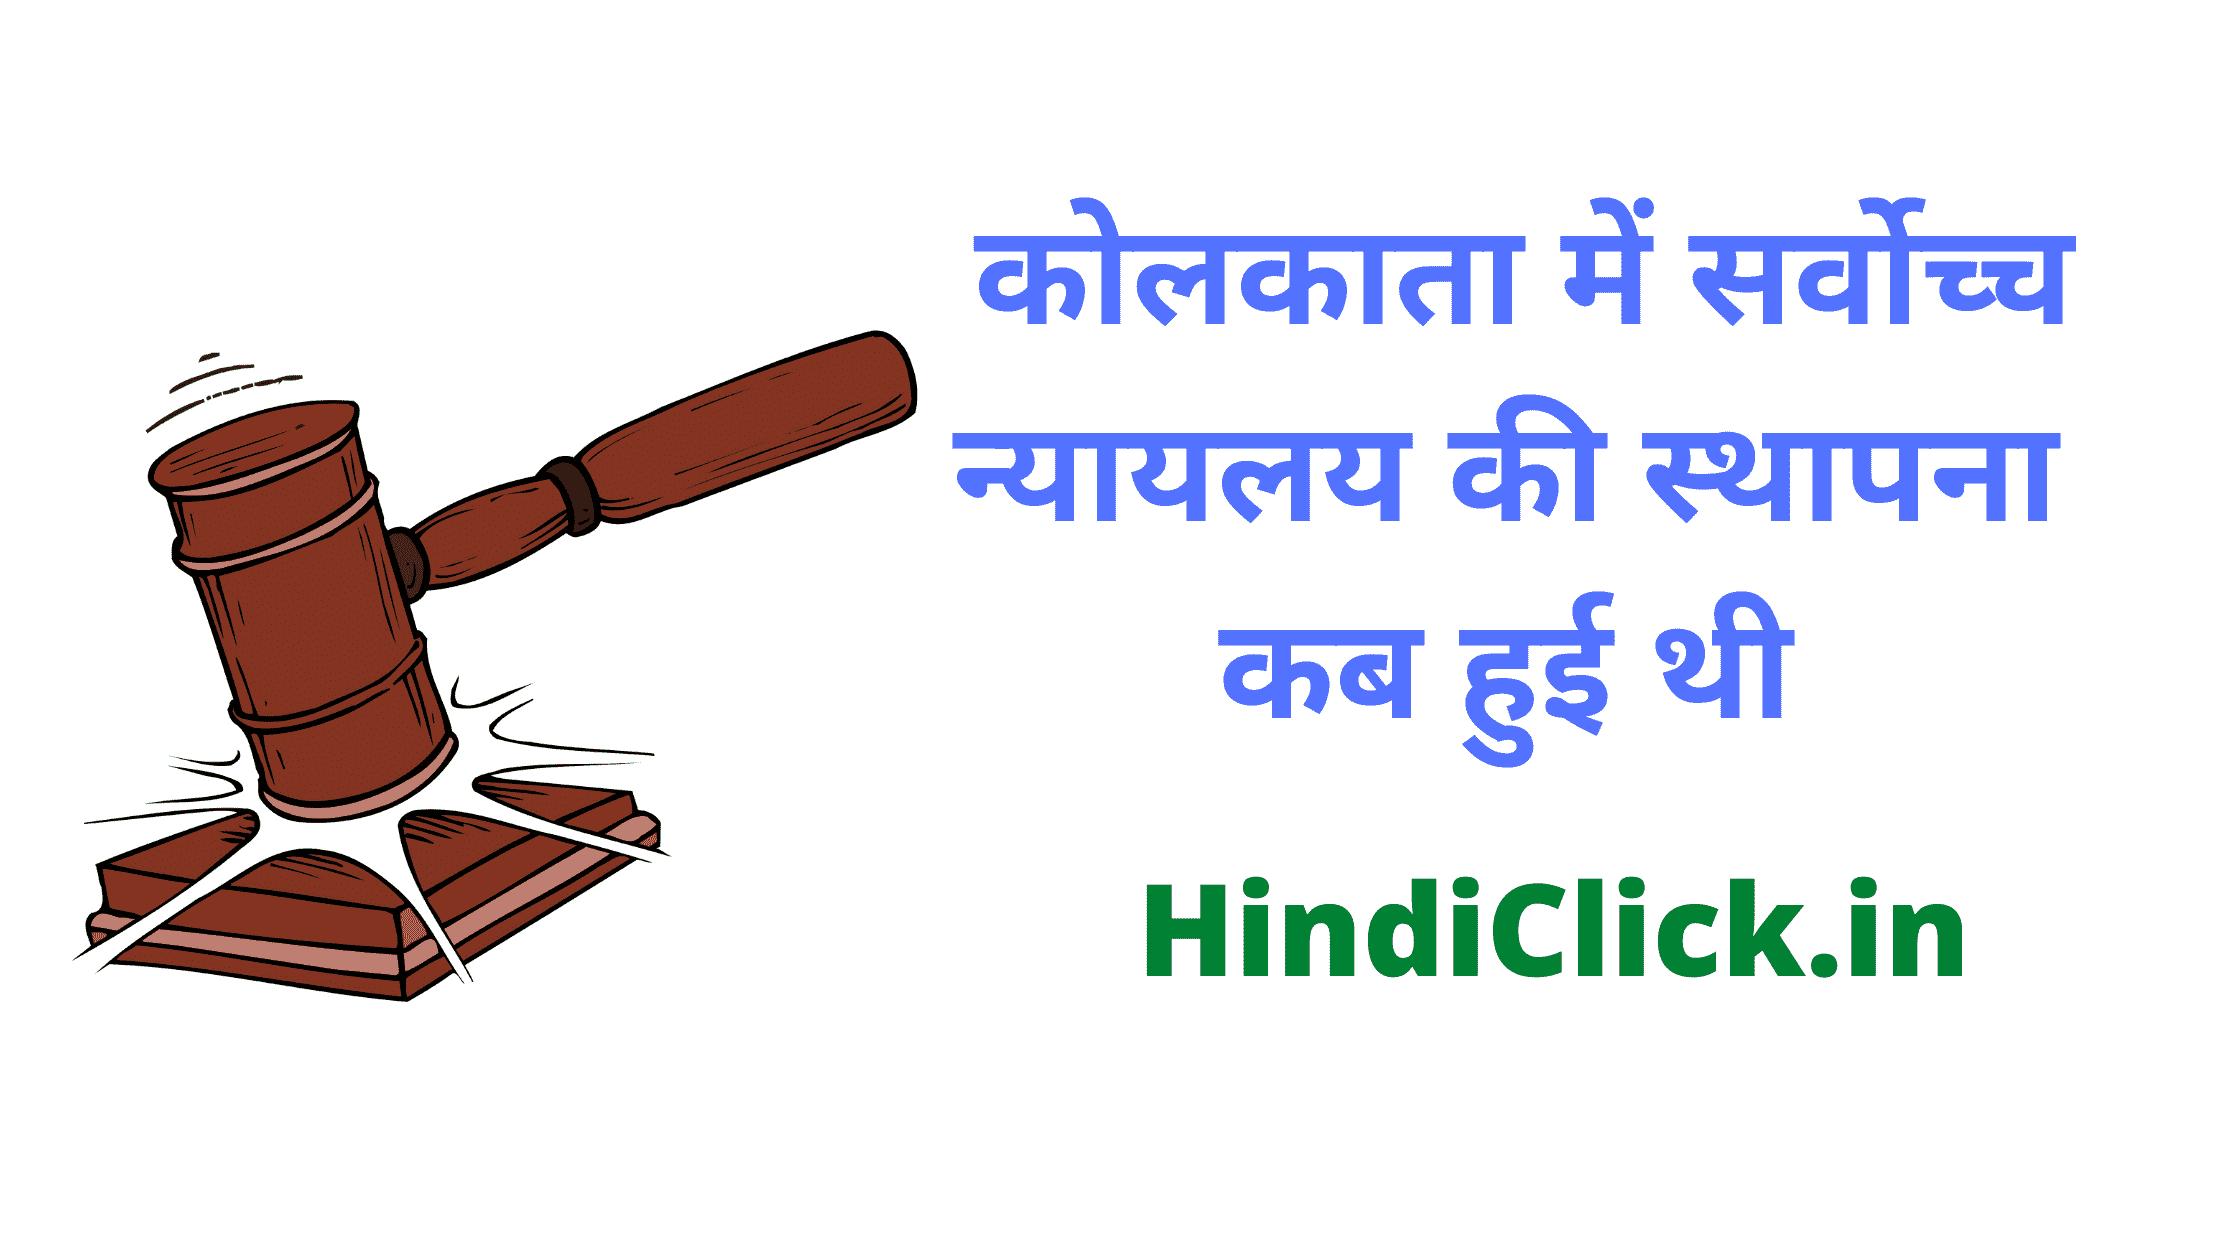 kolkata-mein-sarvoch-nyayalaya-ki-sthapna-kab-hui-gai-thi-pratham-nyaydhish-1